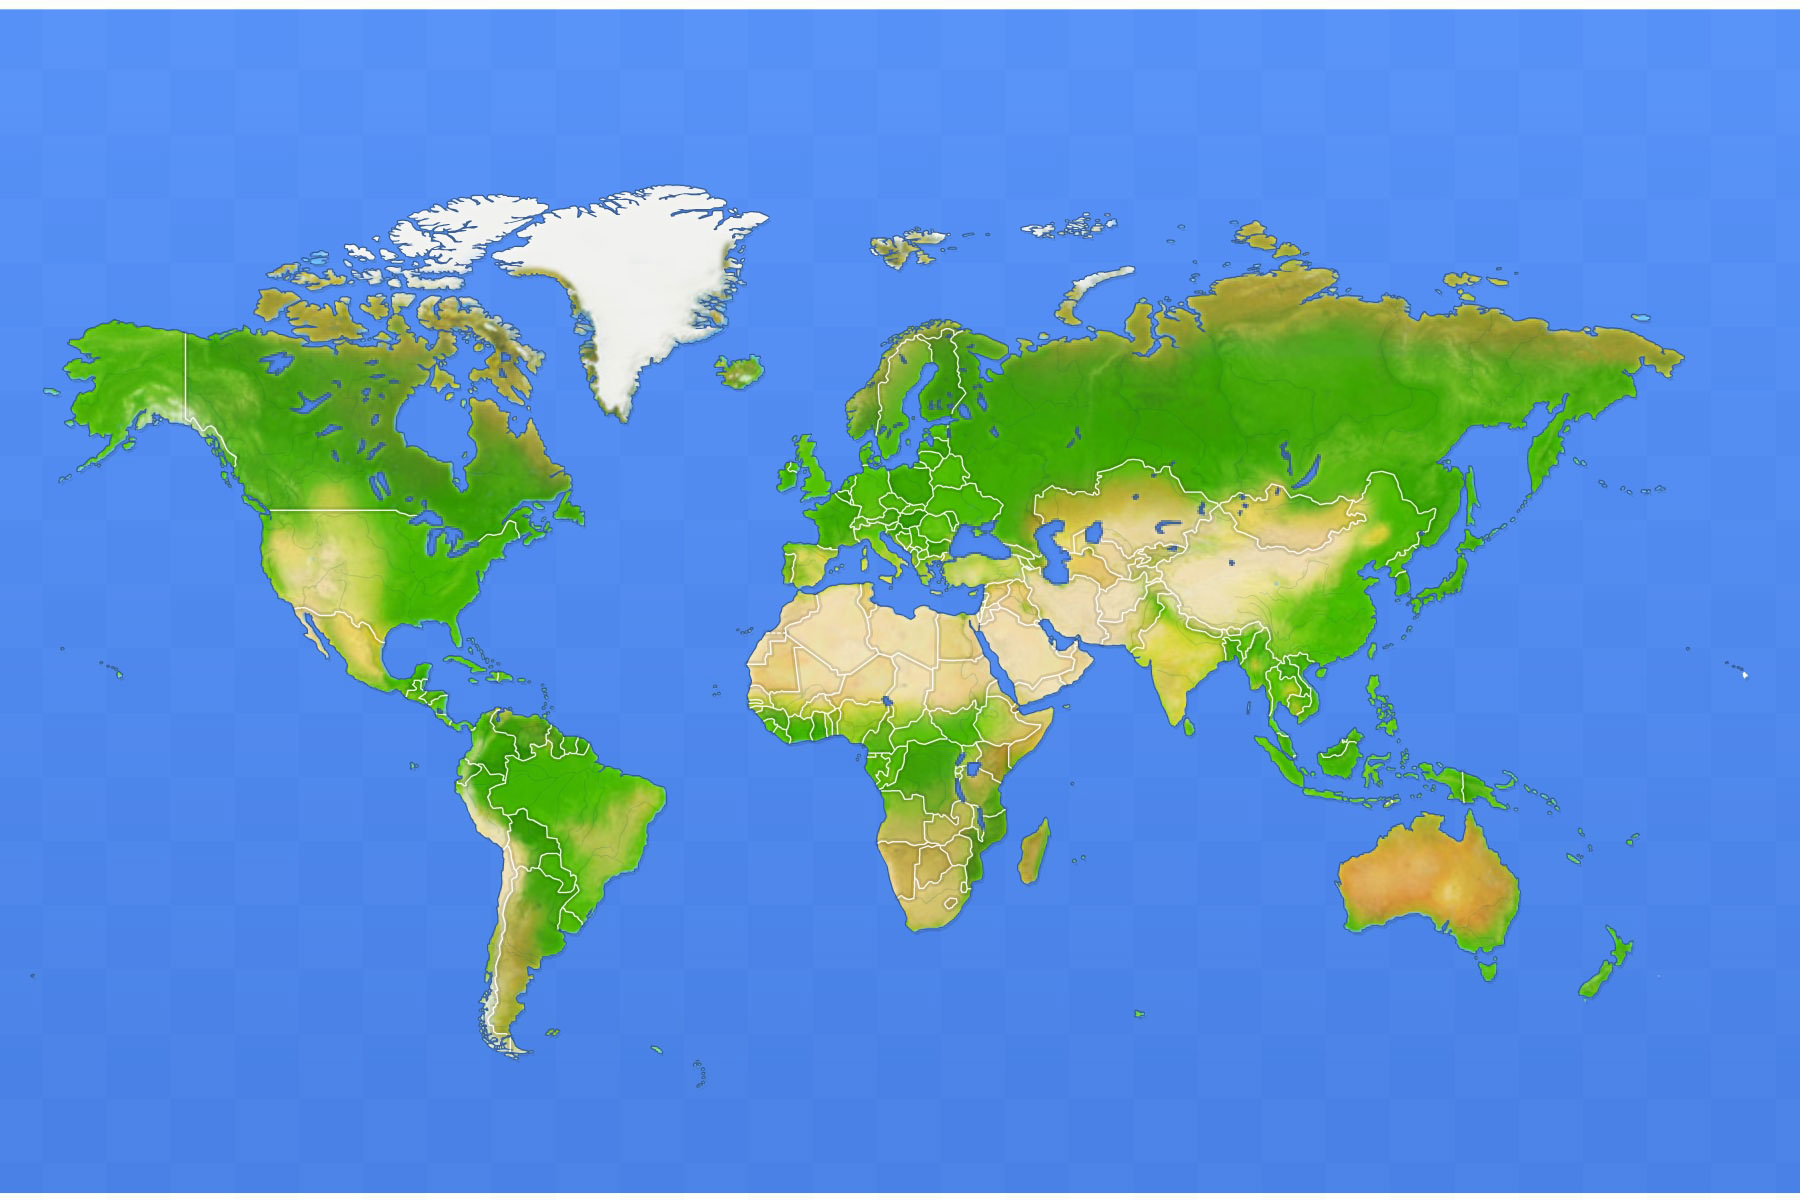 Jeux-Geographiques Jeux Gratuits Jeu Villes Du Monde Junior avec Jeu Geographie Ville De France